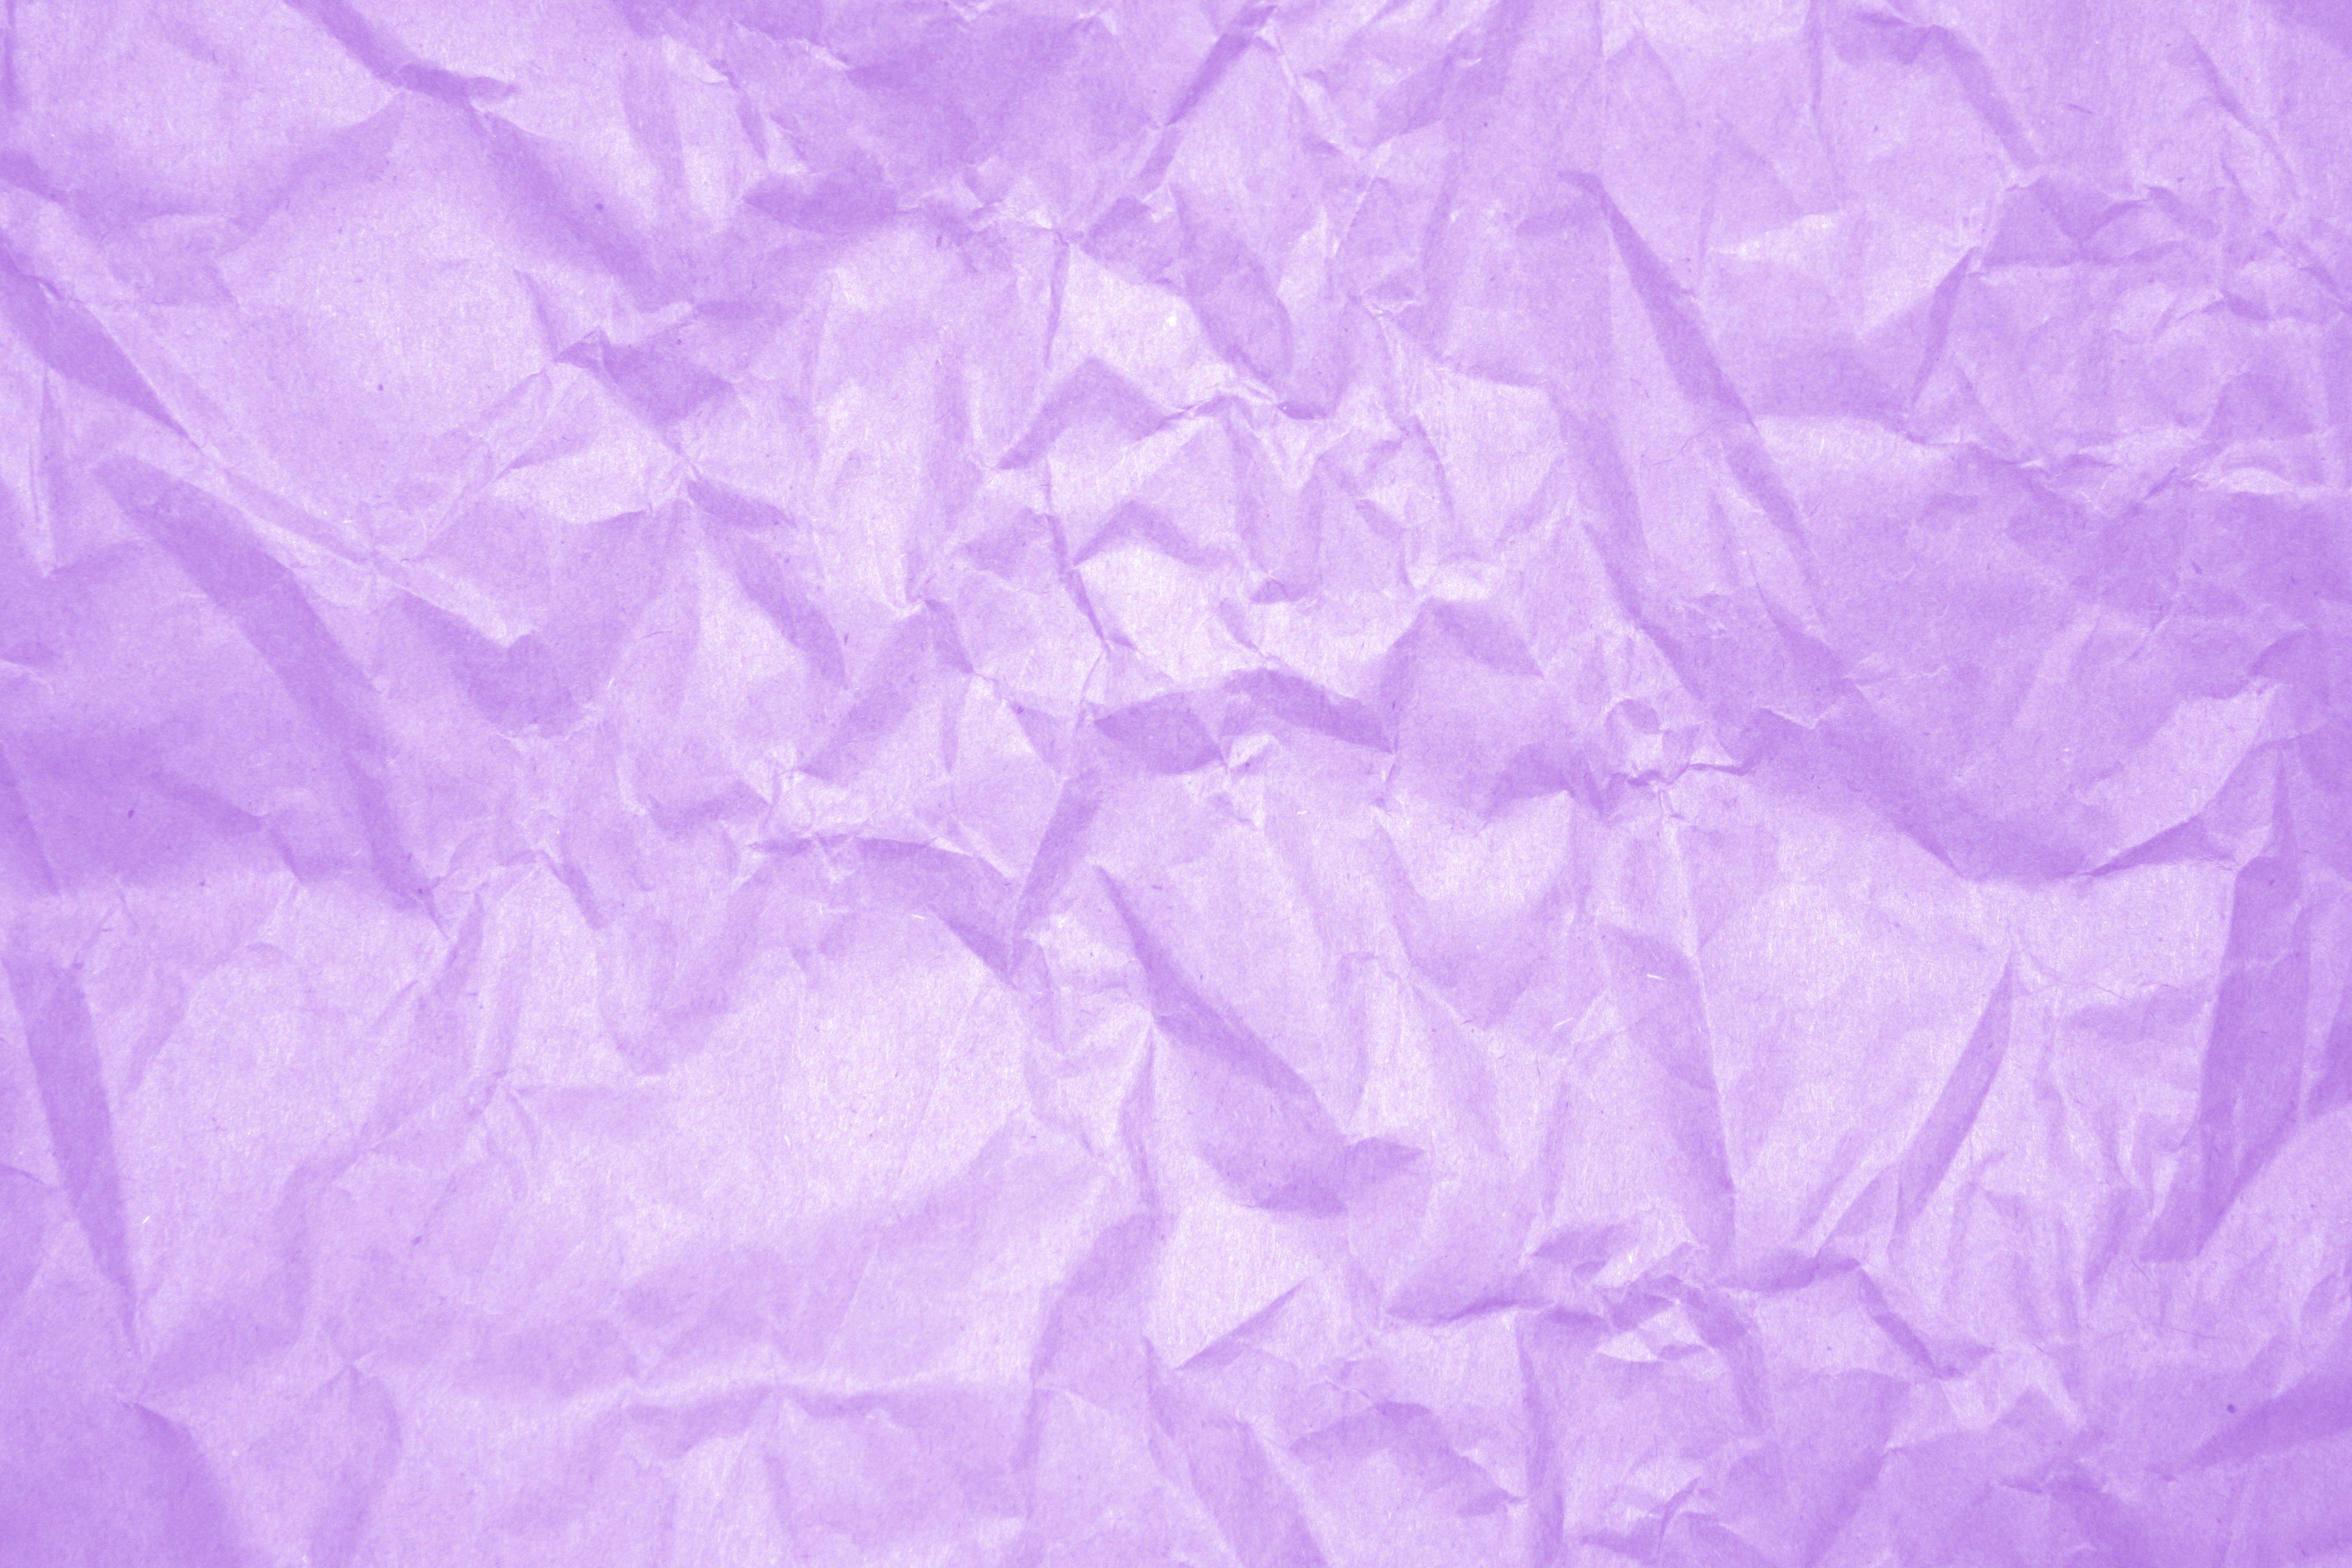 Crumpled Lavender Paper Texture Picture Photograph Photos 3888x2592